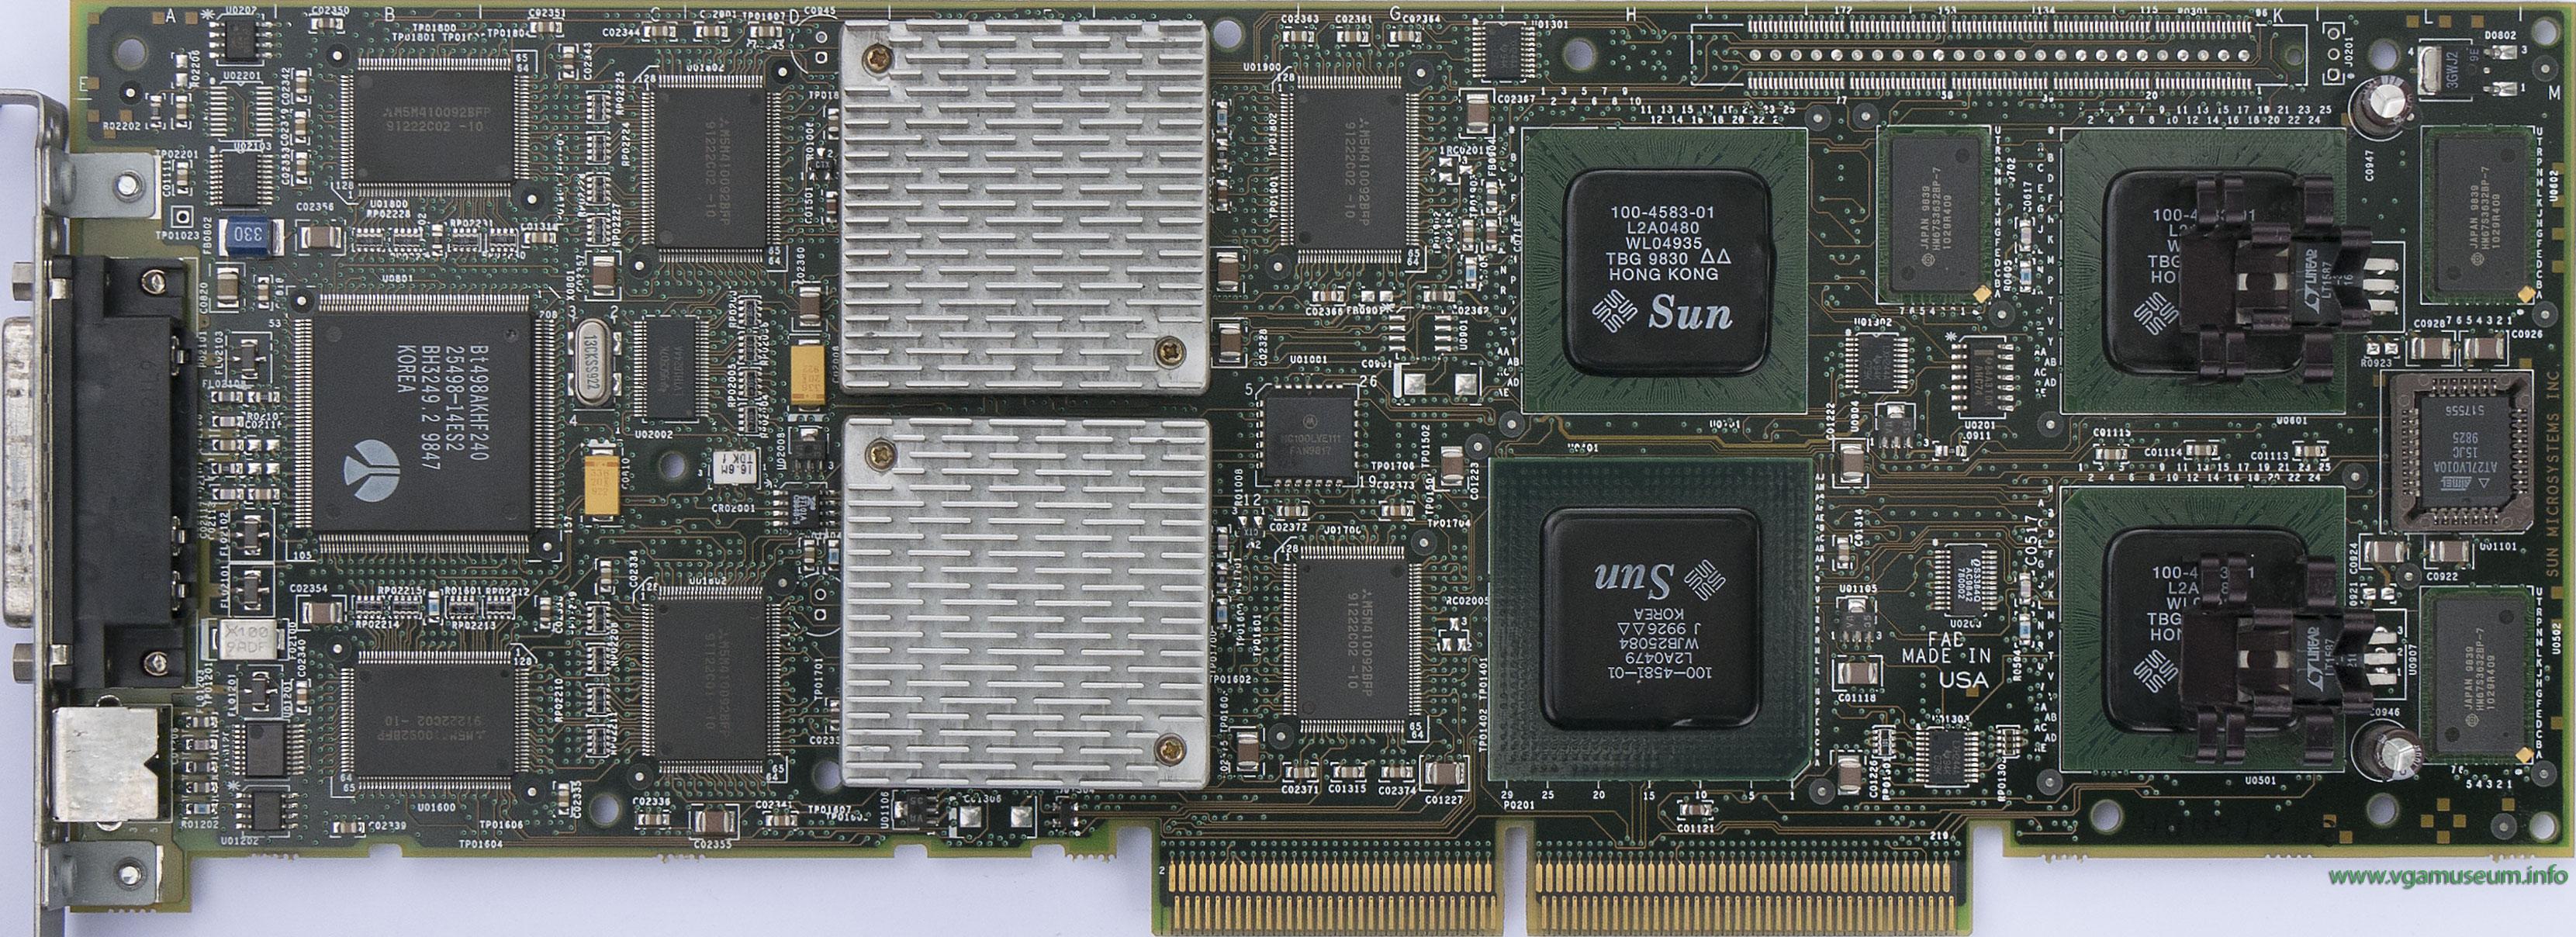 SUN ELITE3D-M3 GRAPHICS CARD